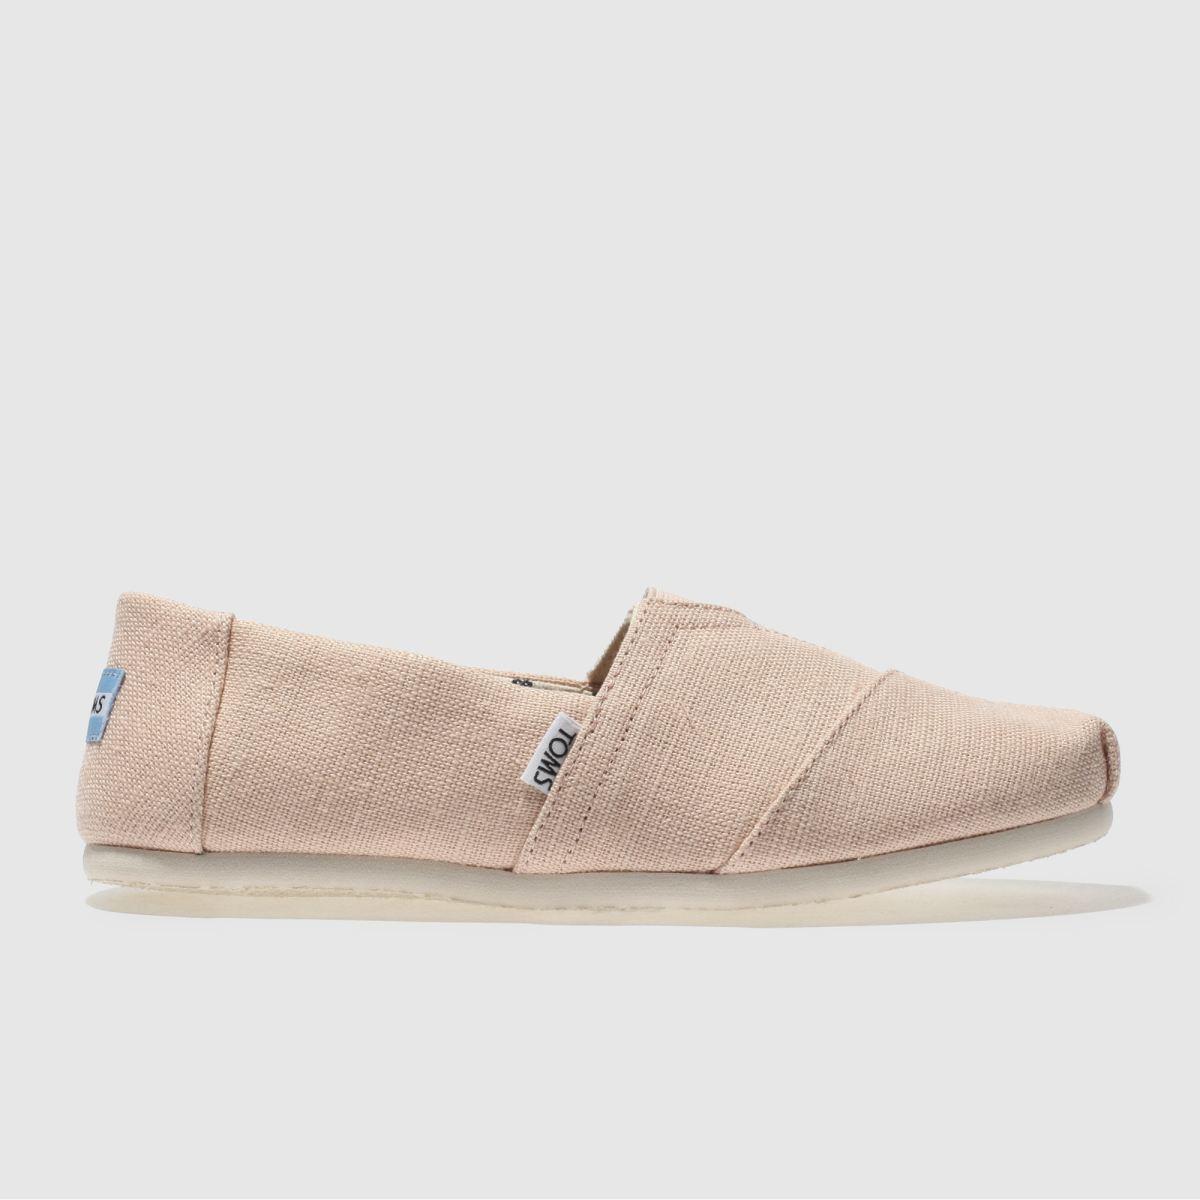 Toms Peach Classic Venice Shoes